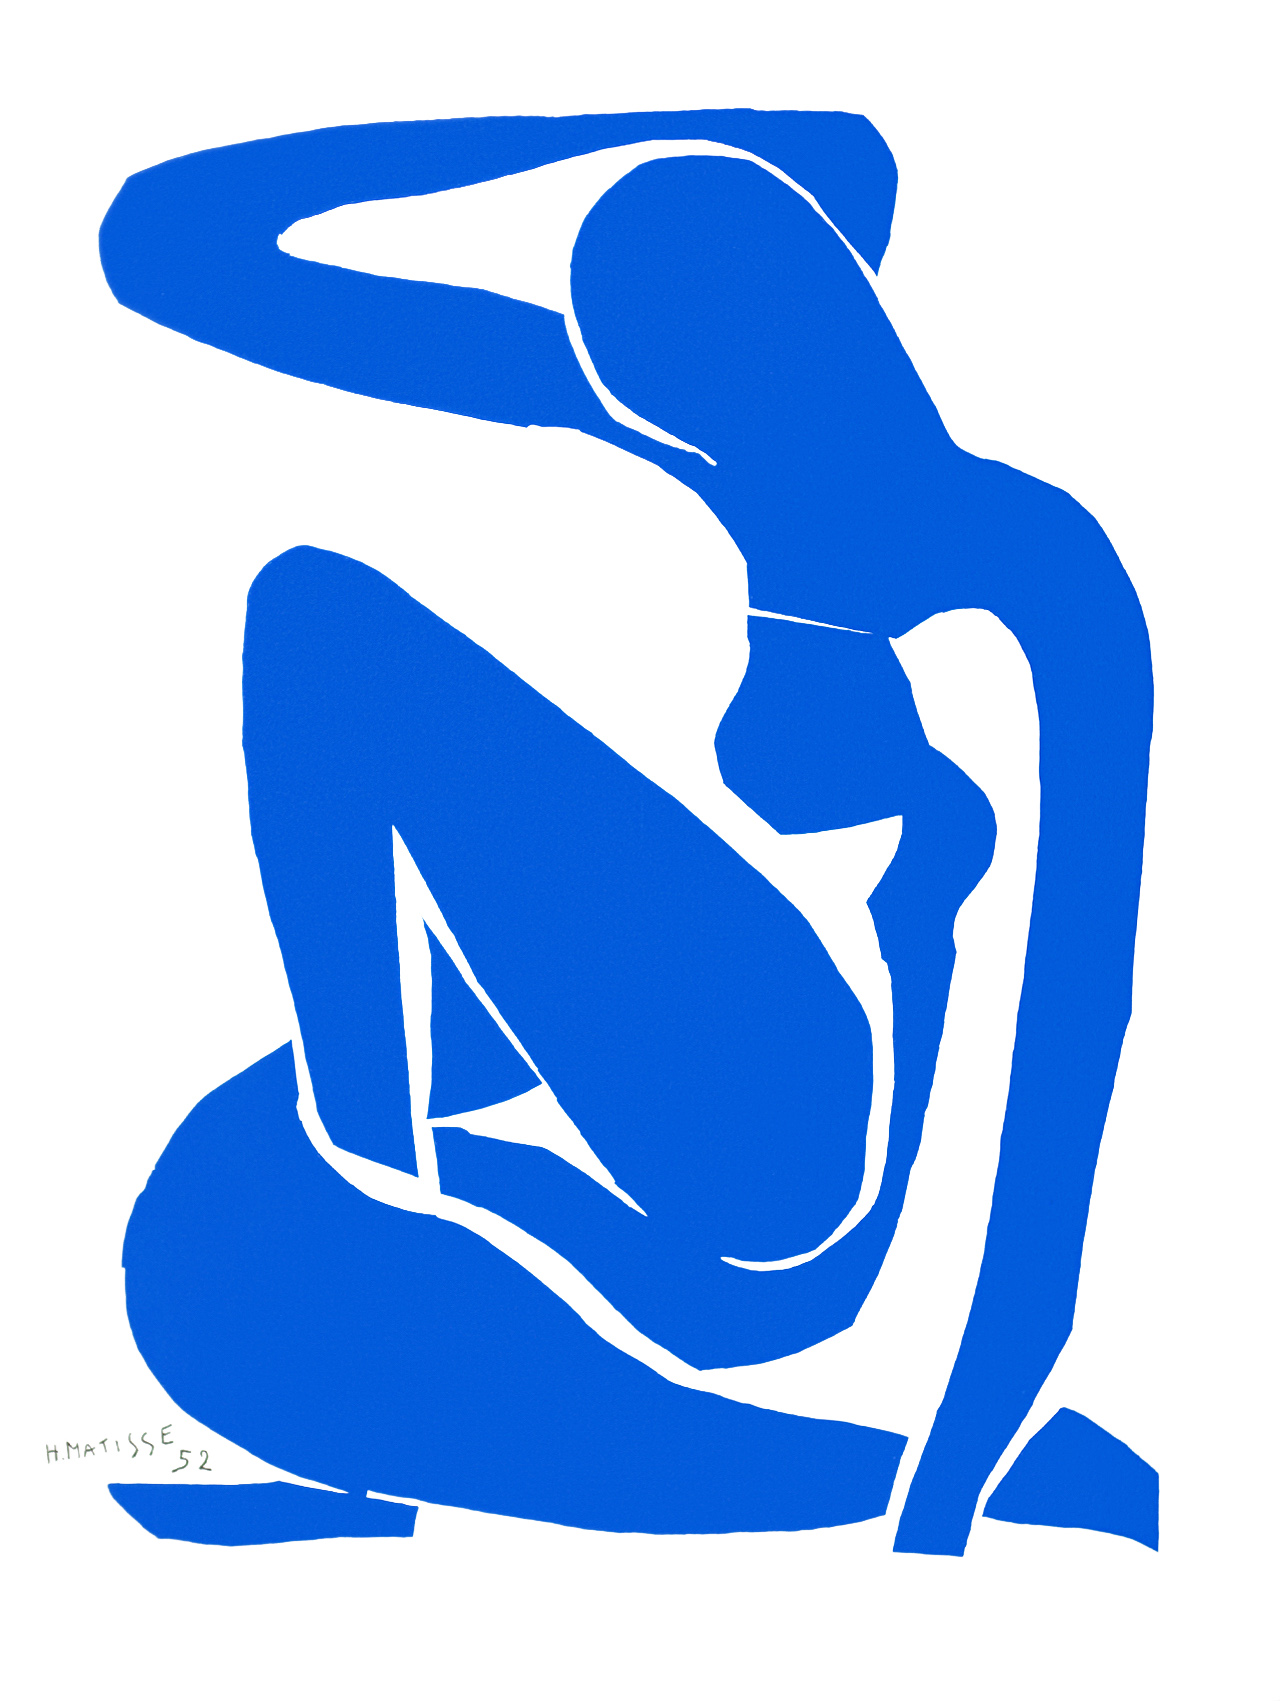 MATISSE - Nu Bleu I